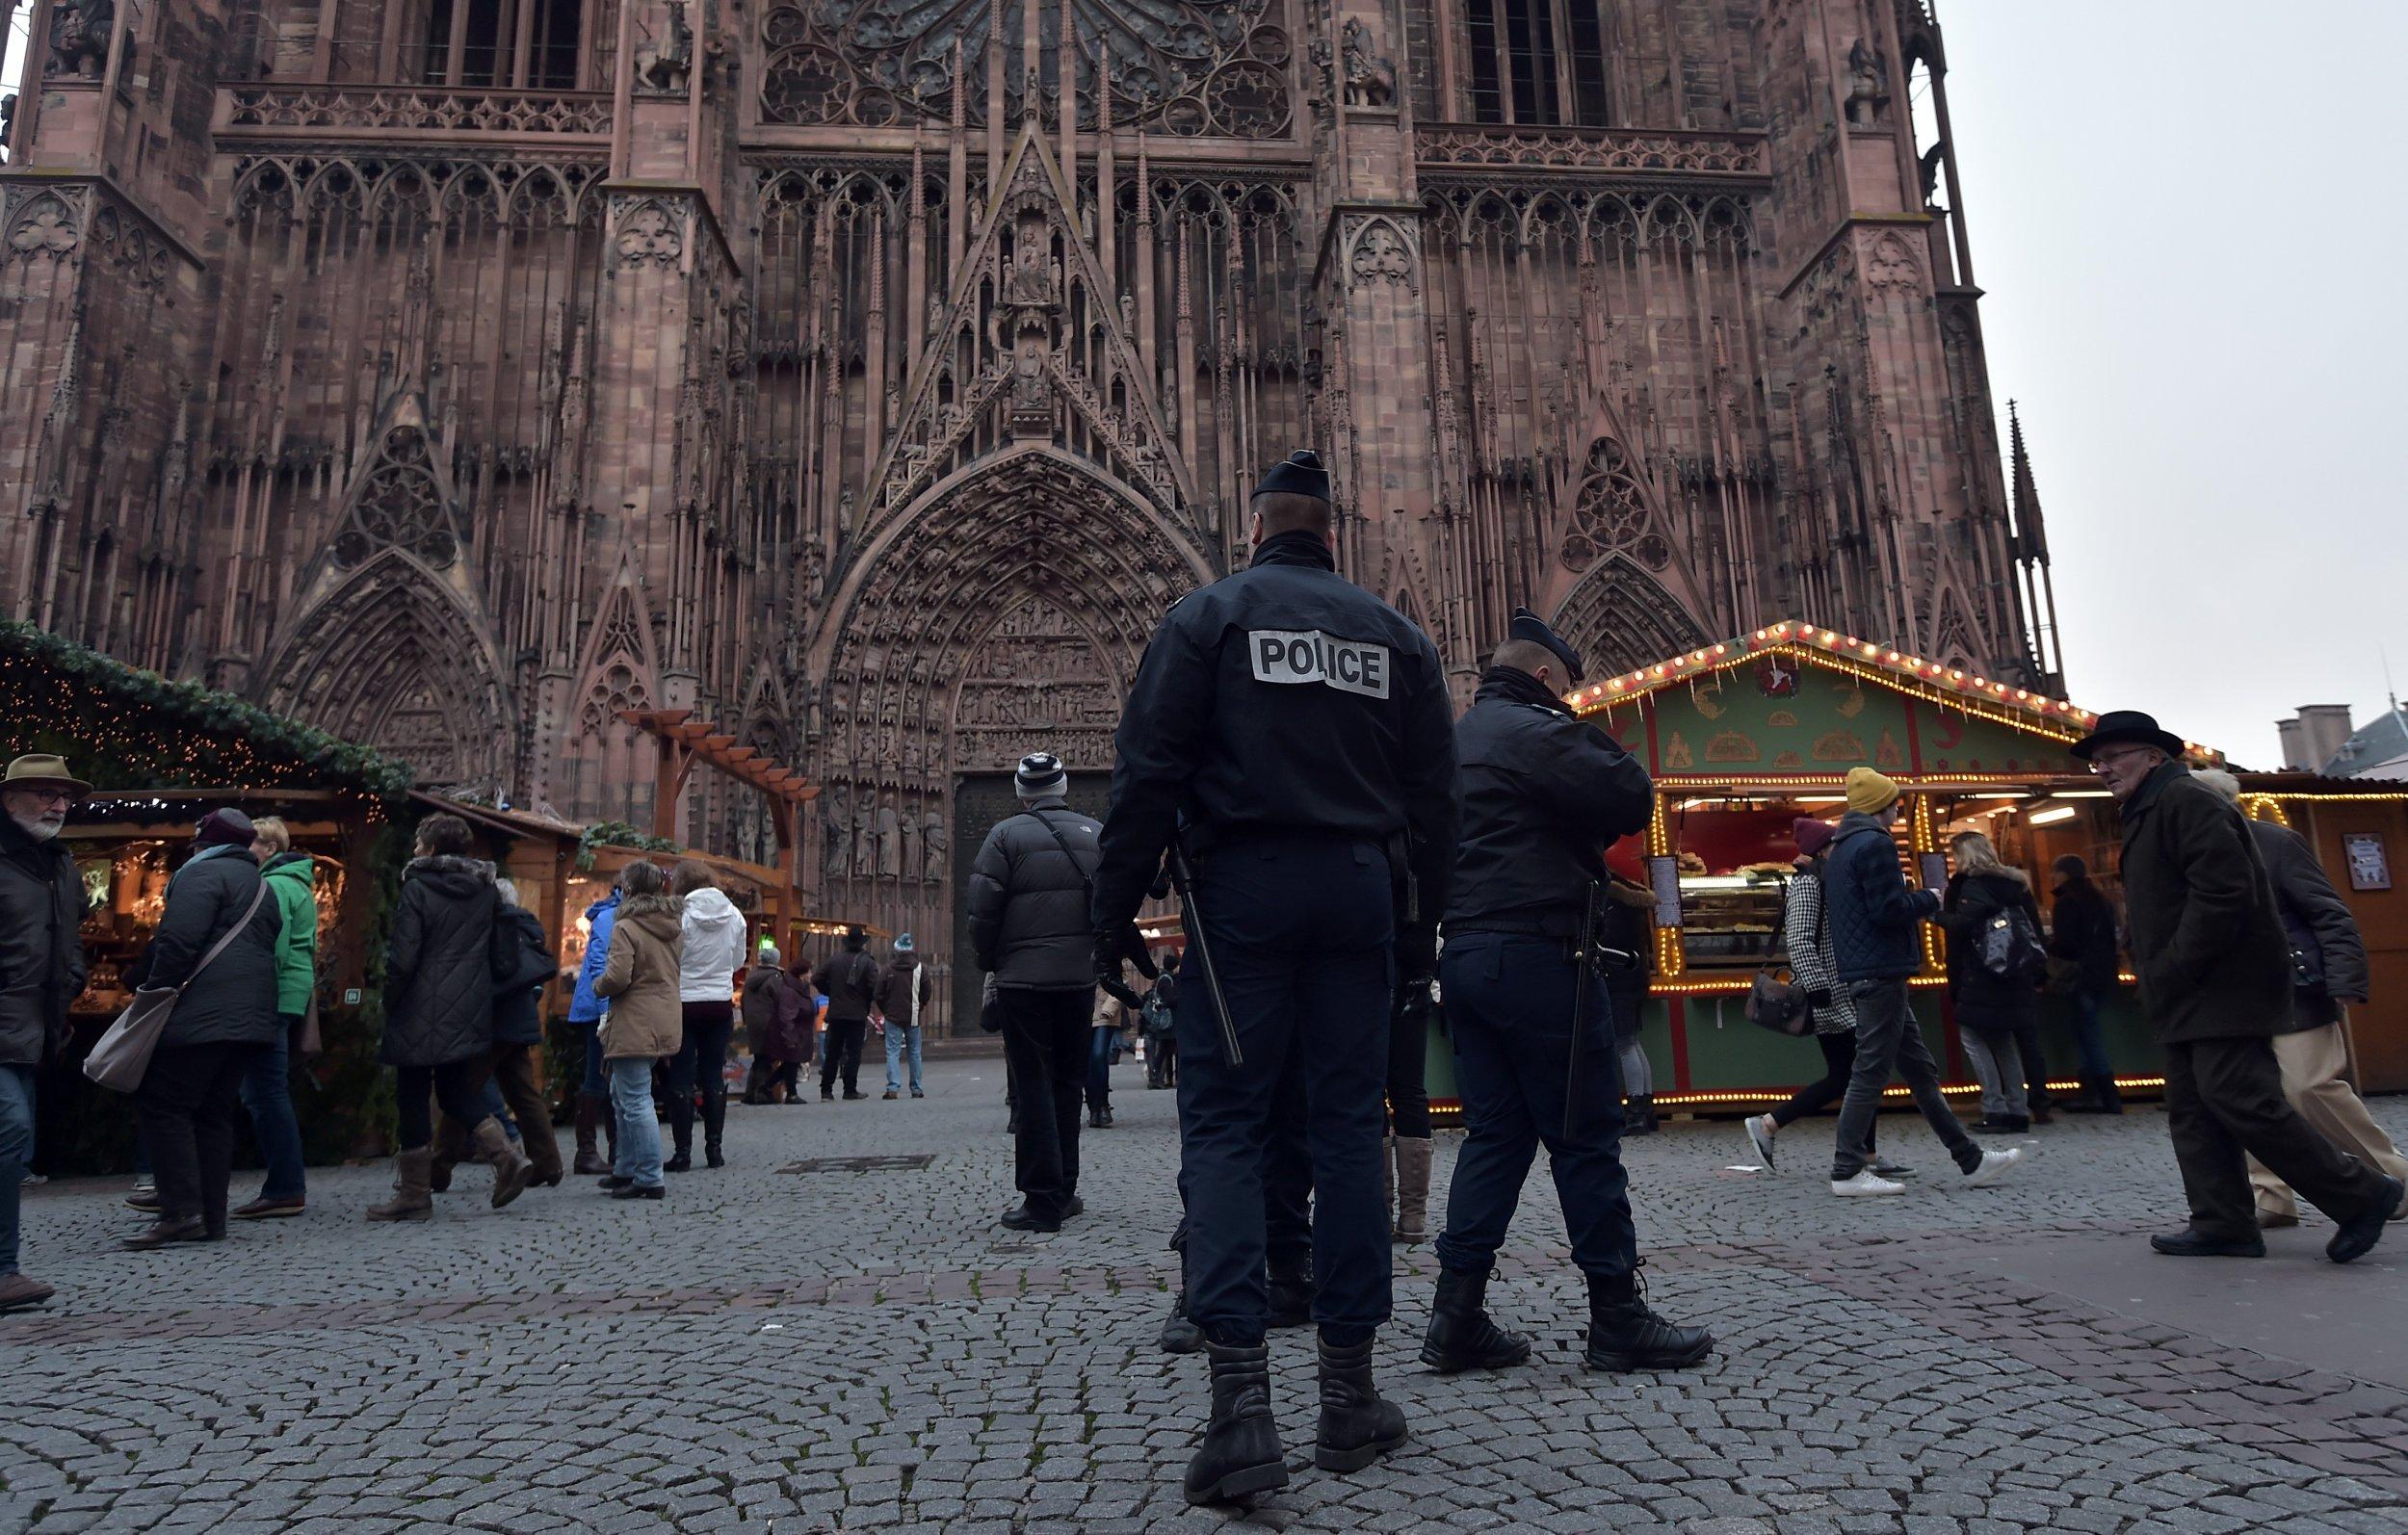 French police in Strasbourg